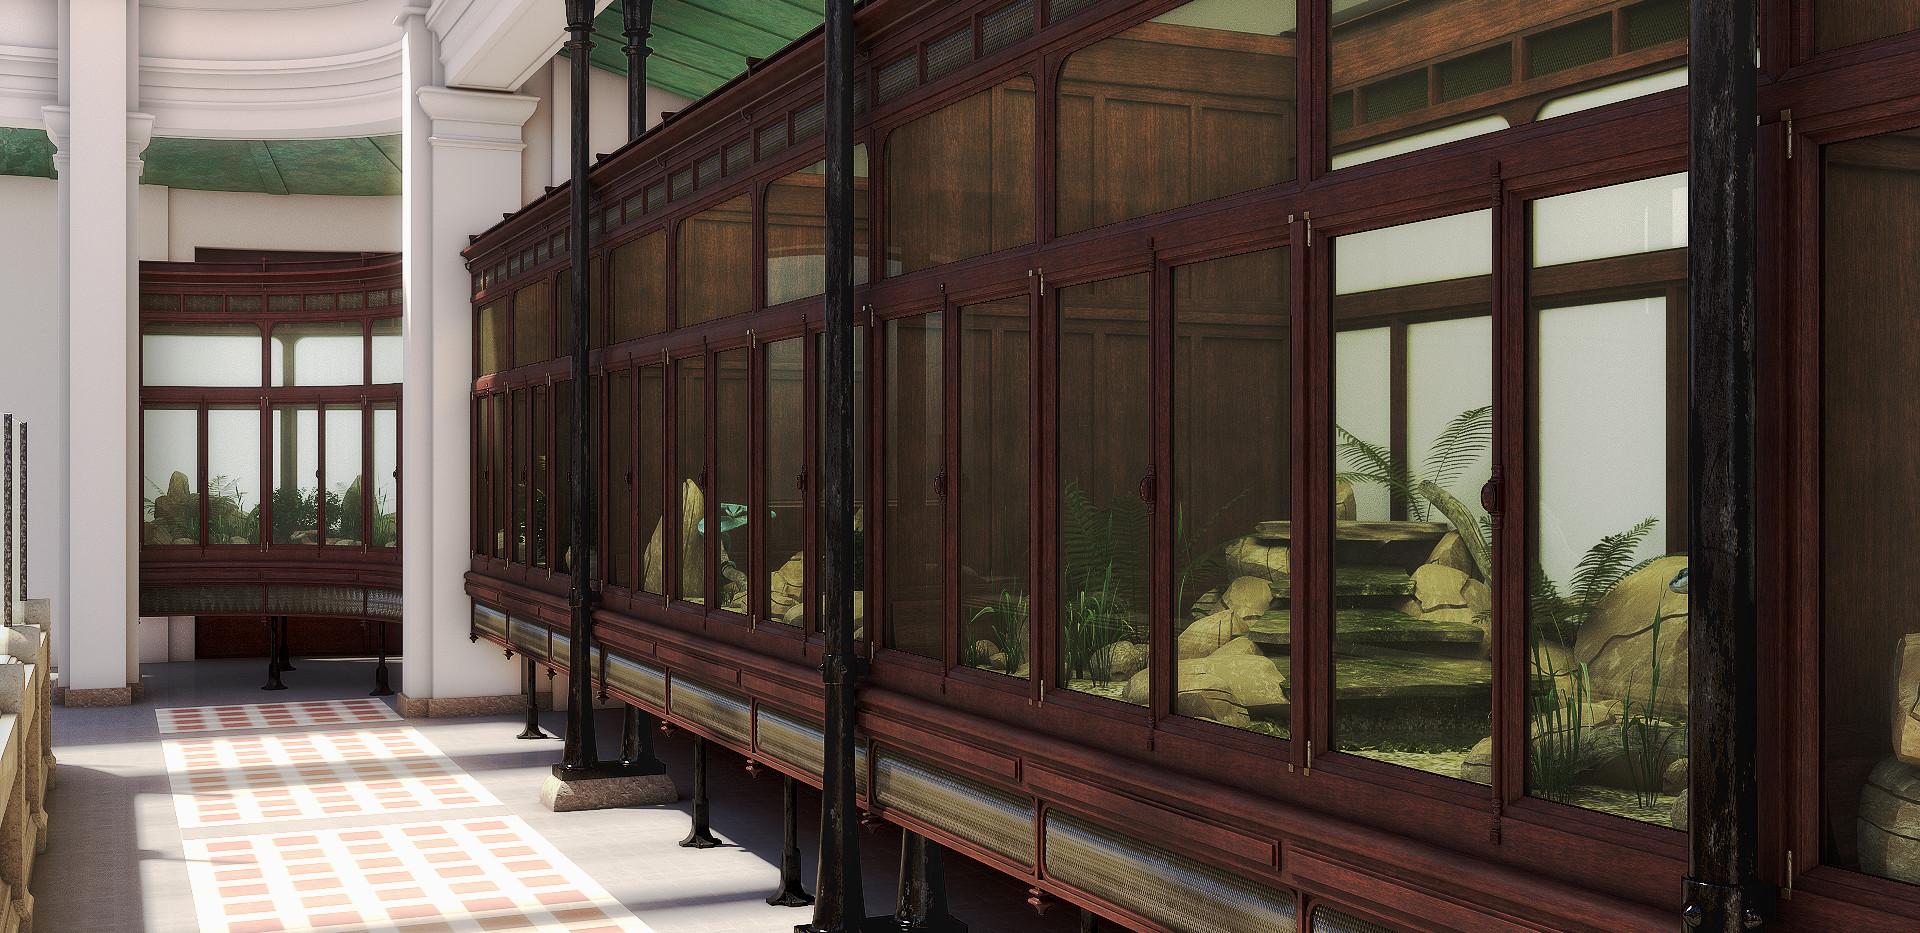 Vivarium Musée National d'Histoire Naturelle